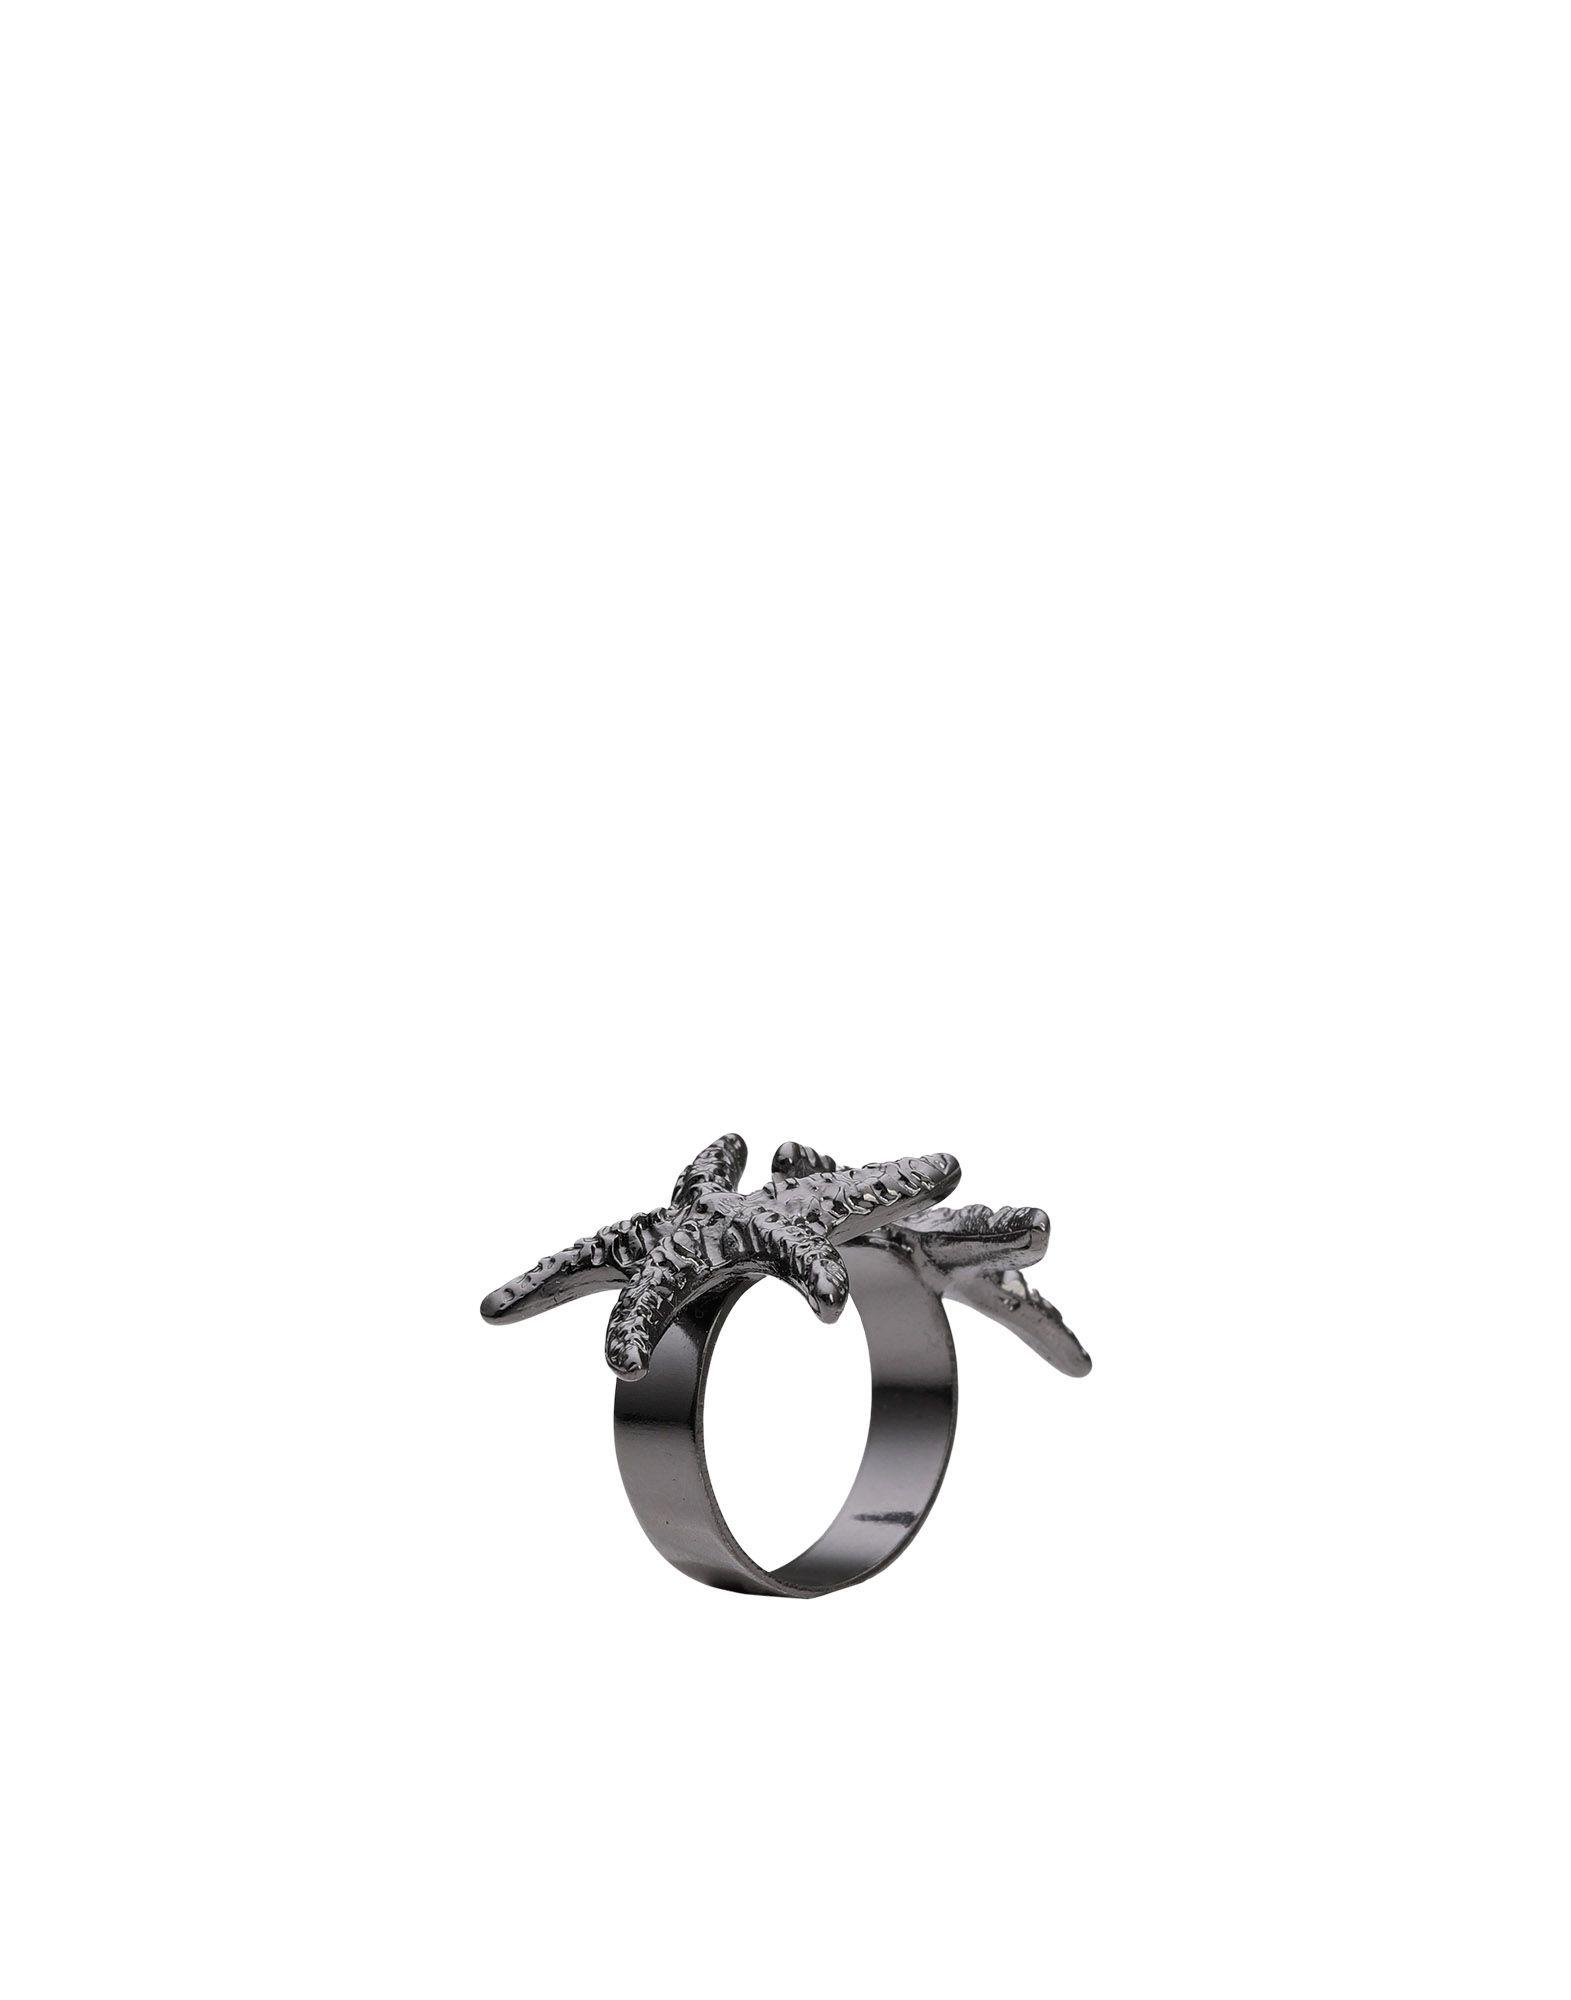 《送料無料》ORTYS OFFICINA MILANO レディース 指輪 鉛色 one size 真鍮/ブラス